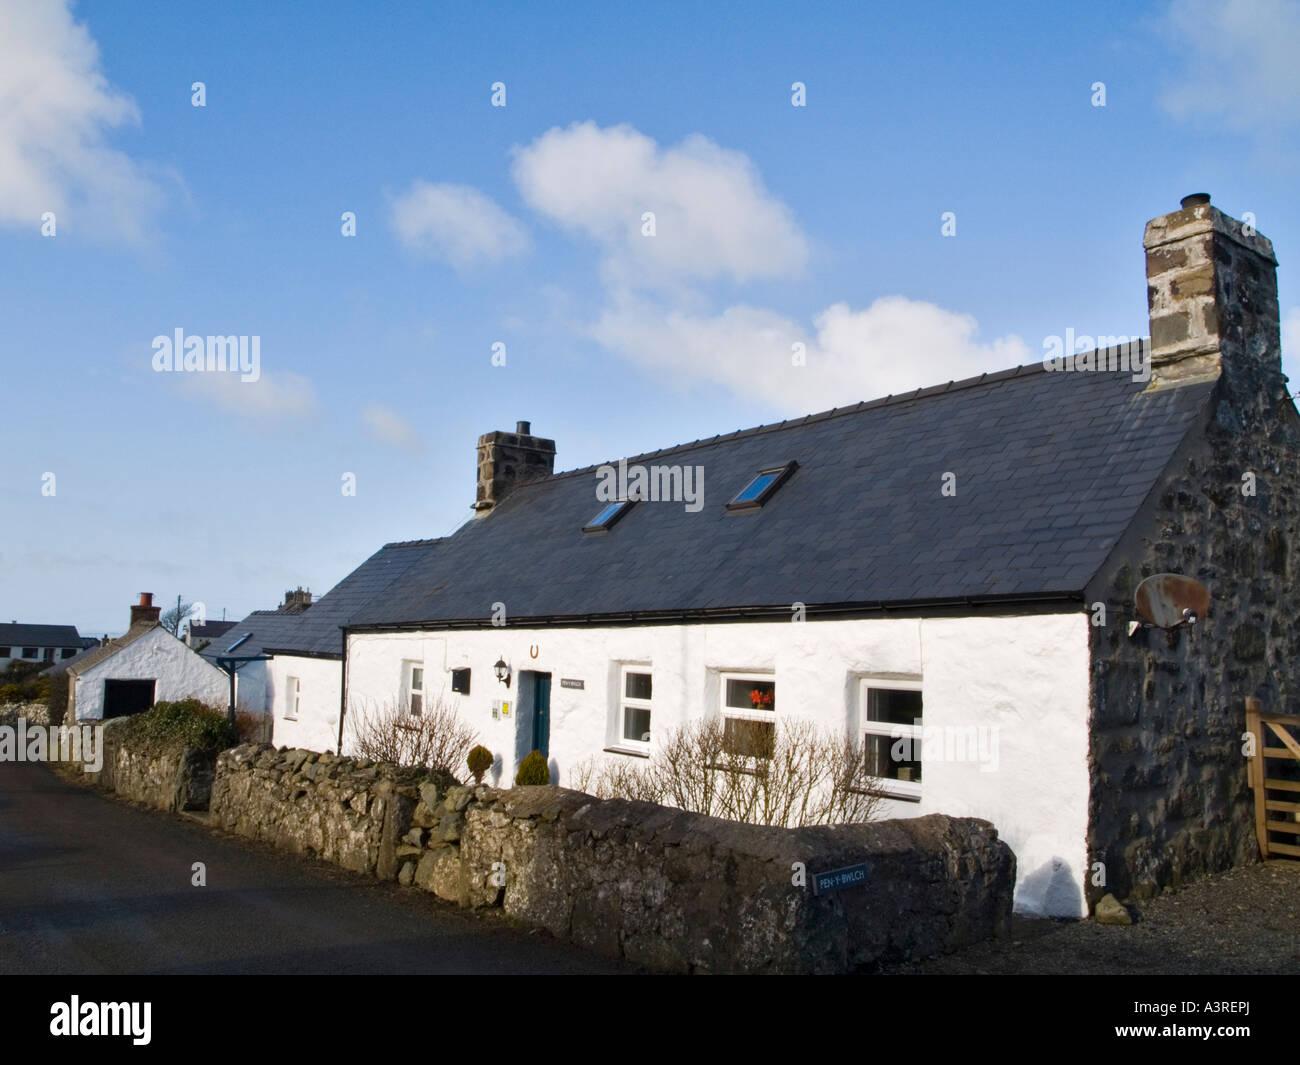 Tradizionale a singola piani bianco tradizionale lavato cottage in